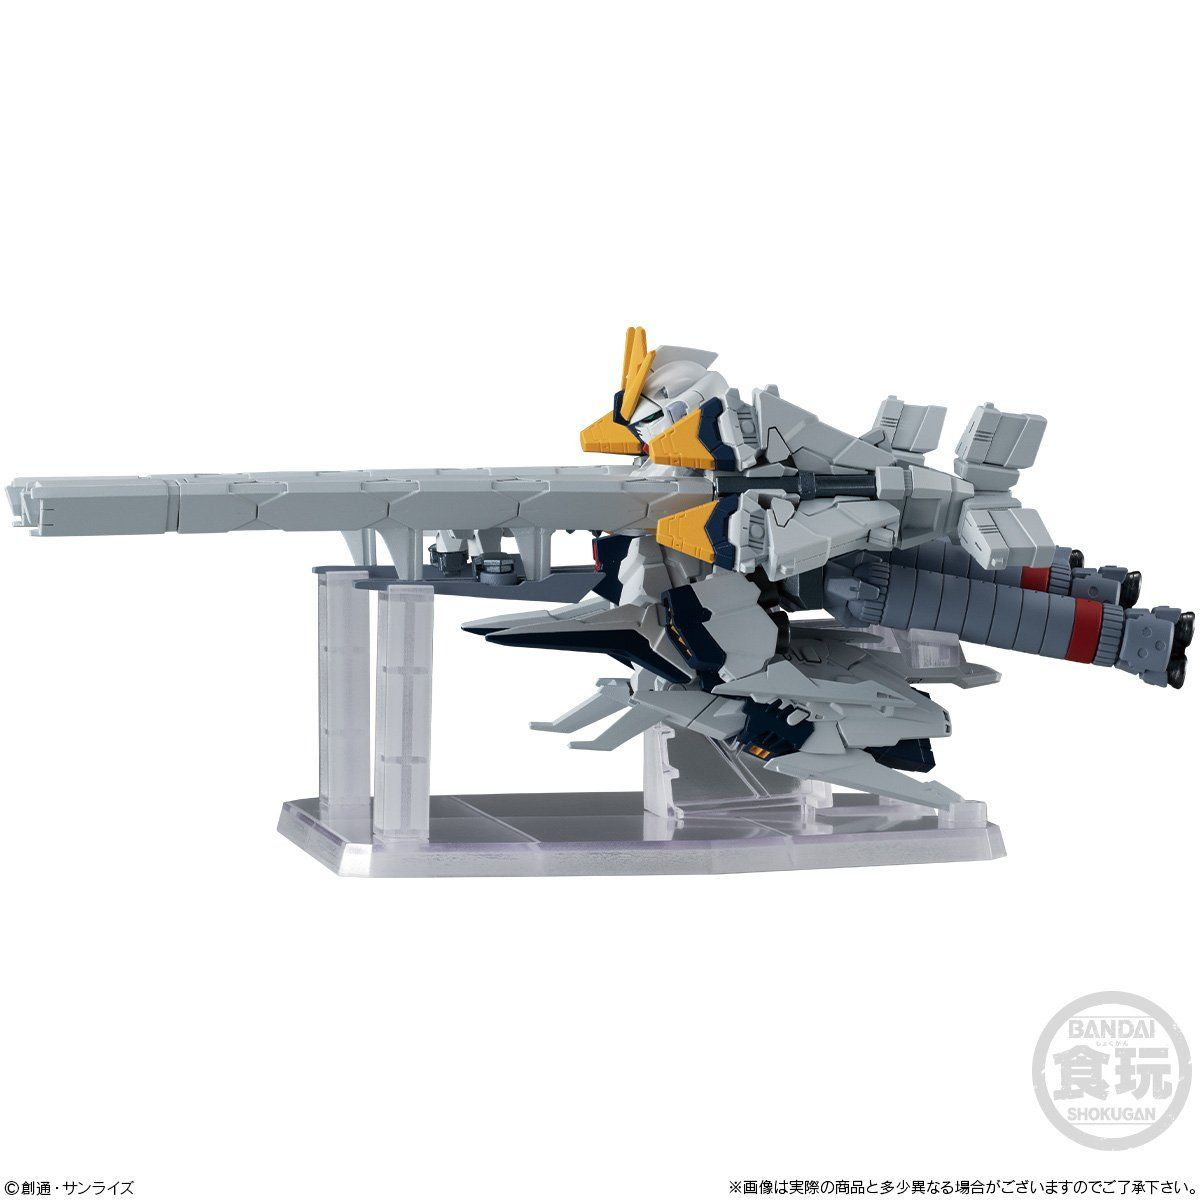 【食玩】FW GUNDAM CONVERGE『EX28 ナラティブガンダムA装備』機動戦士ガンダムNT 食玩フィギュア-005